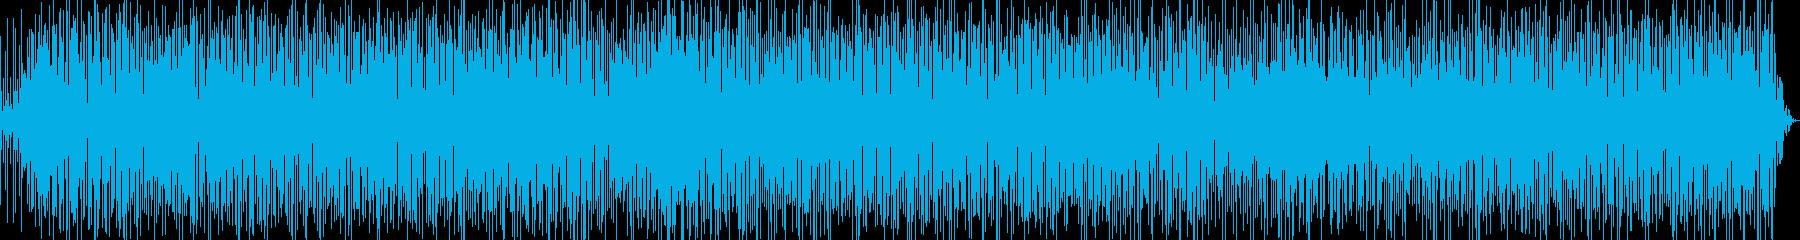 軽快なラテンファンク Ver.1-1の再生済みの波形